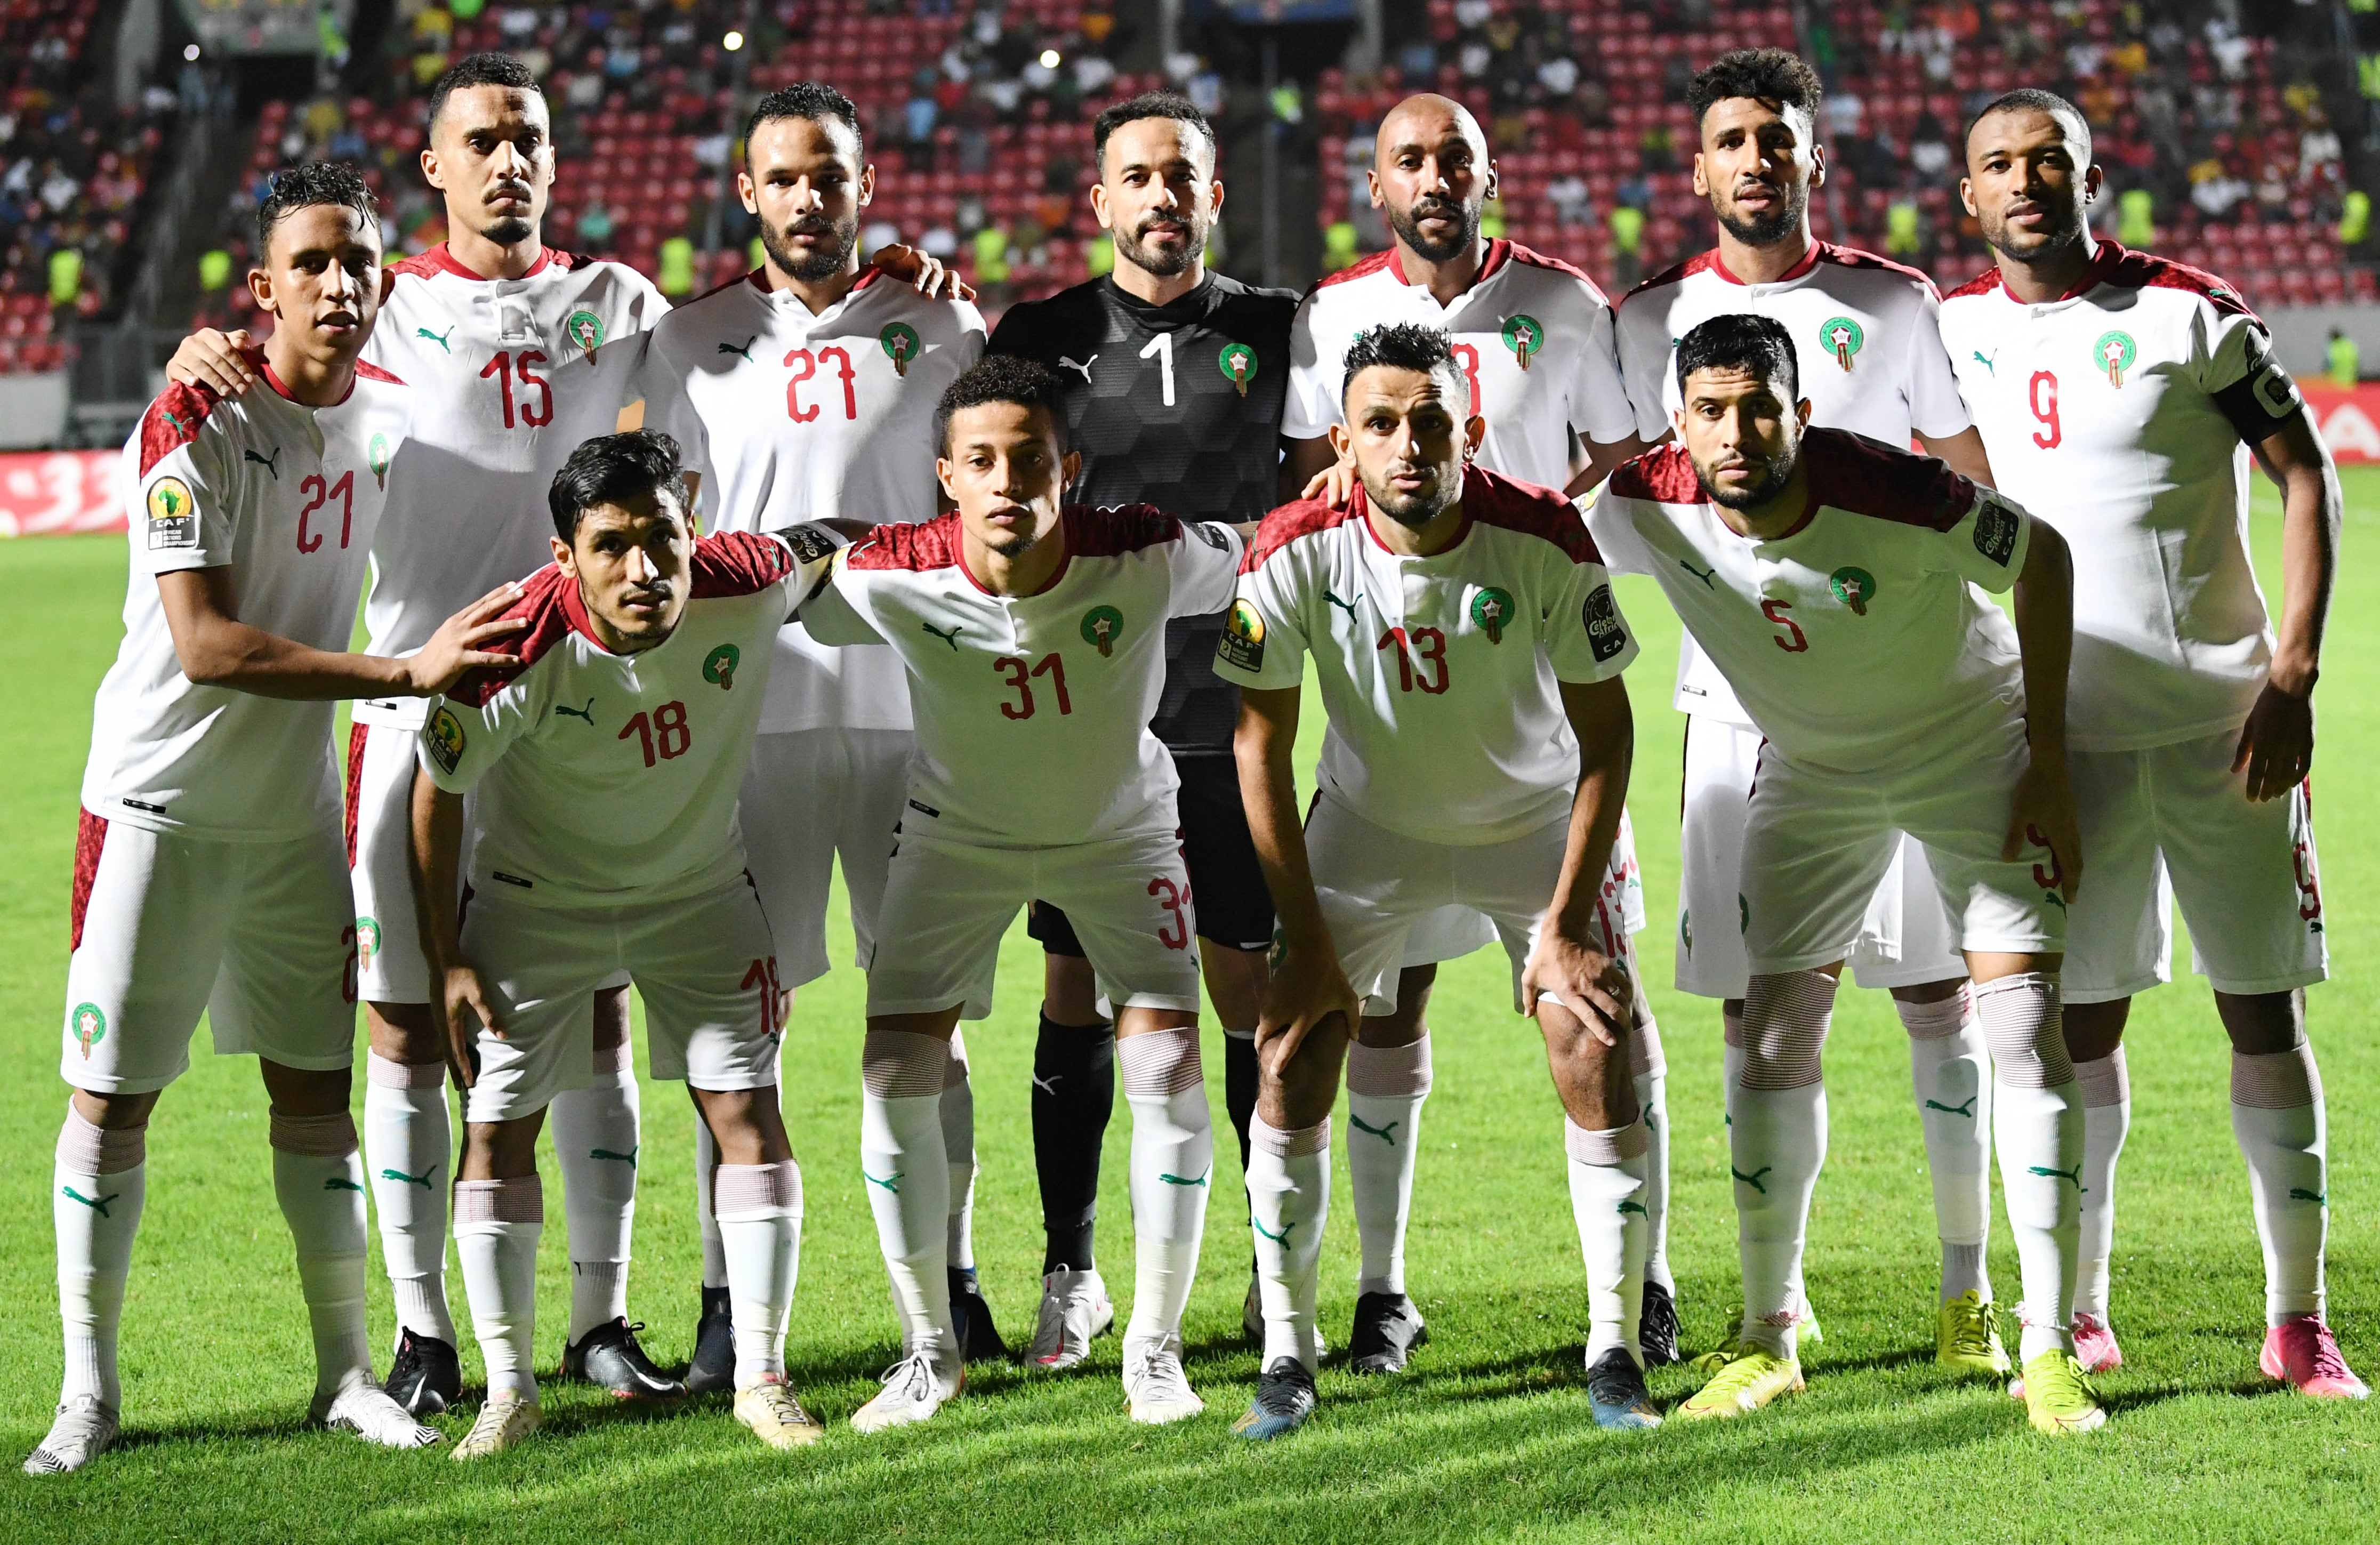 Finale du CHAN : Un sondage de RFI donne le Maroc vainqueur avec 54 % de votes !